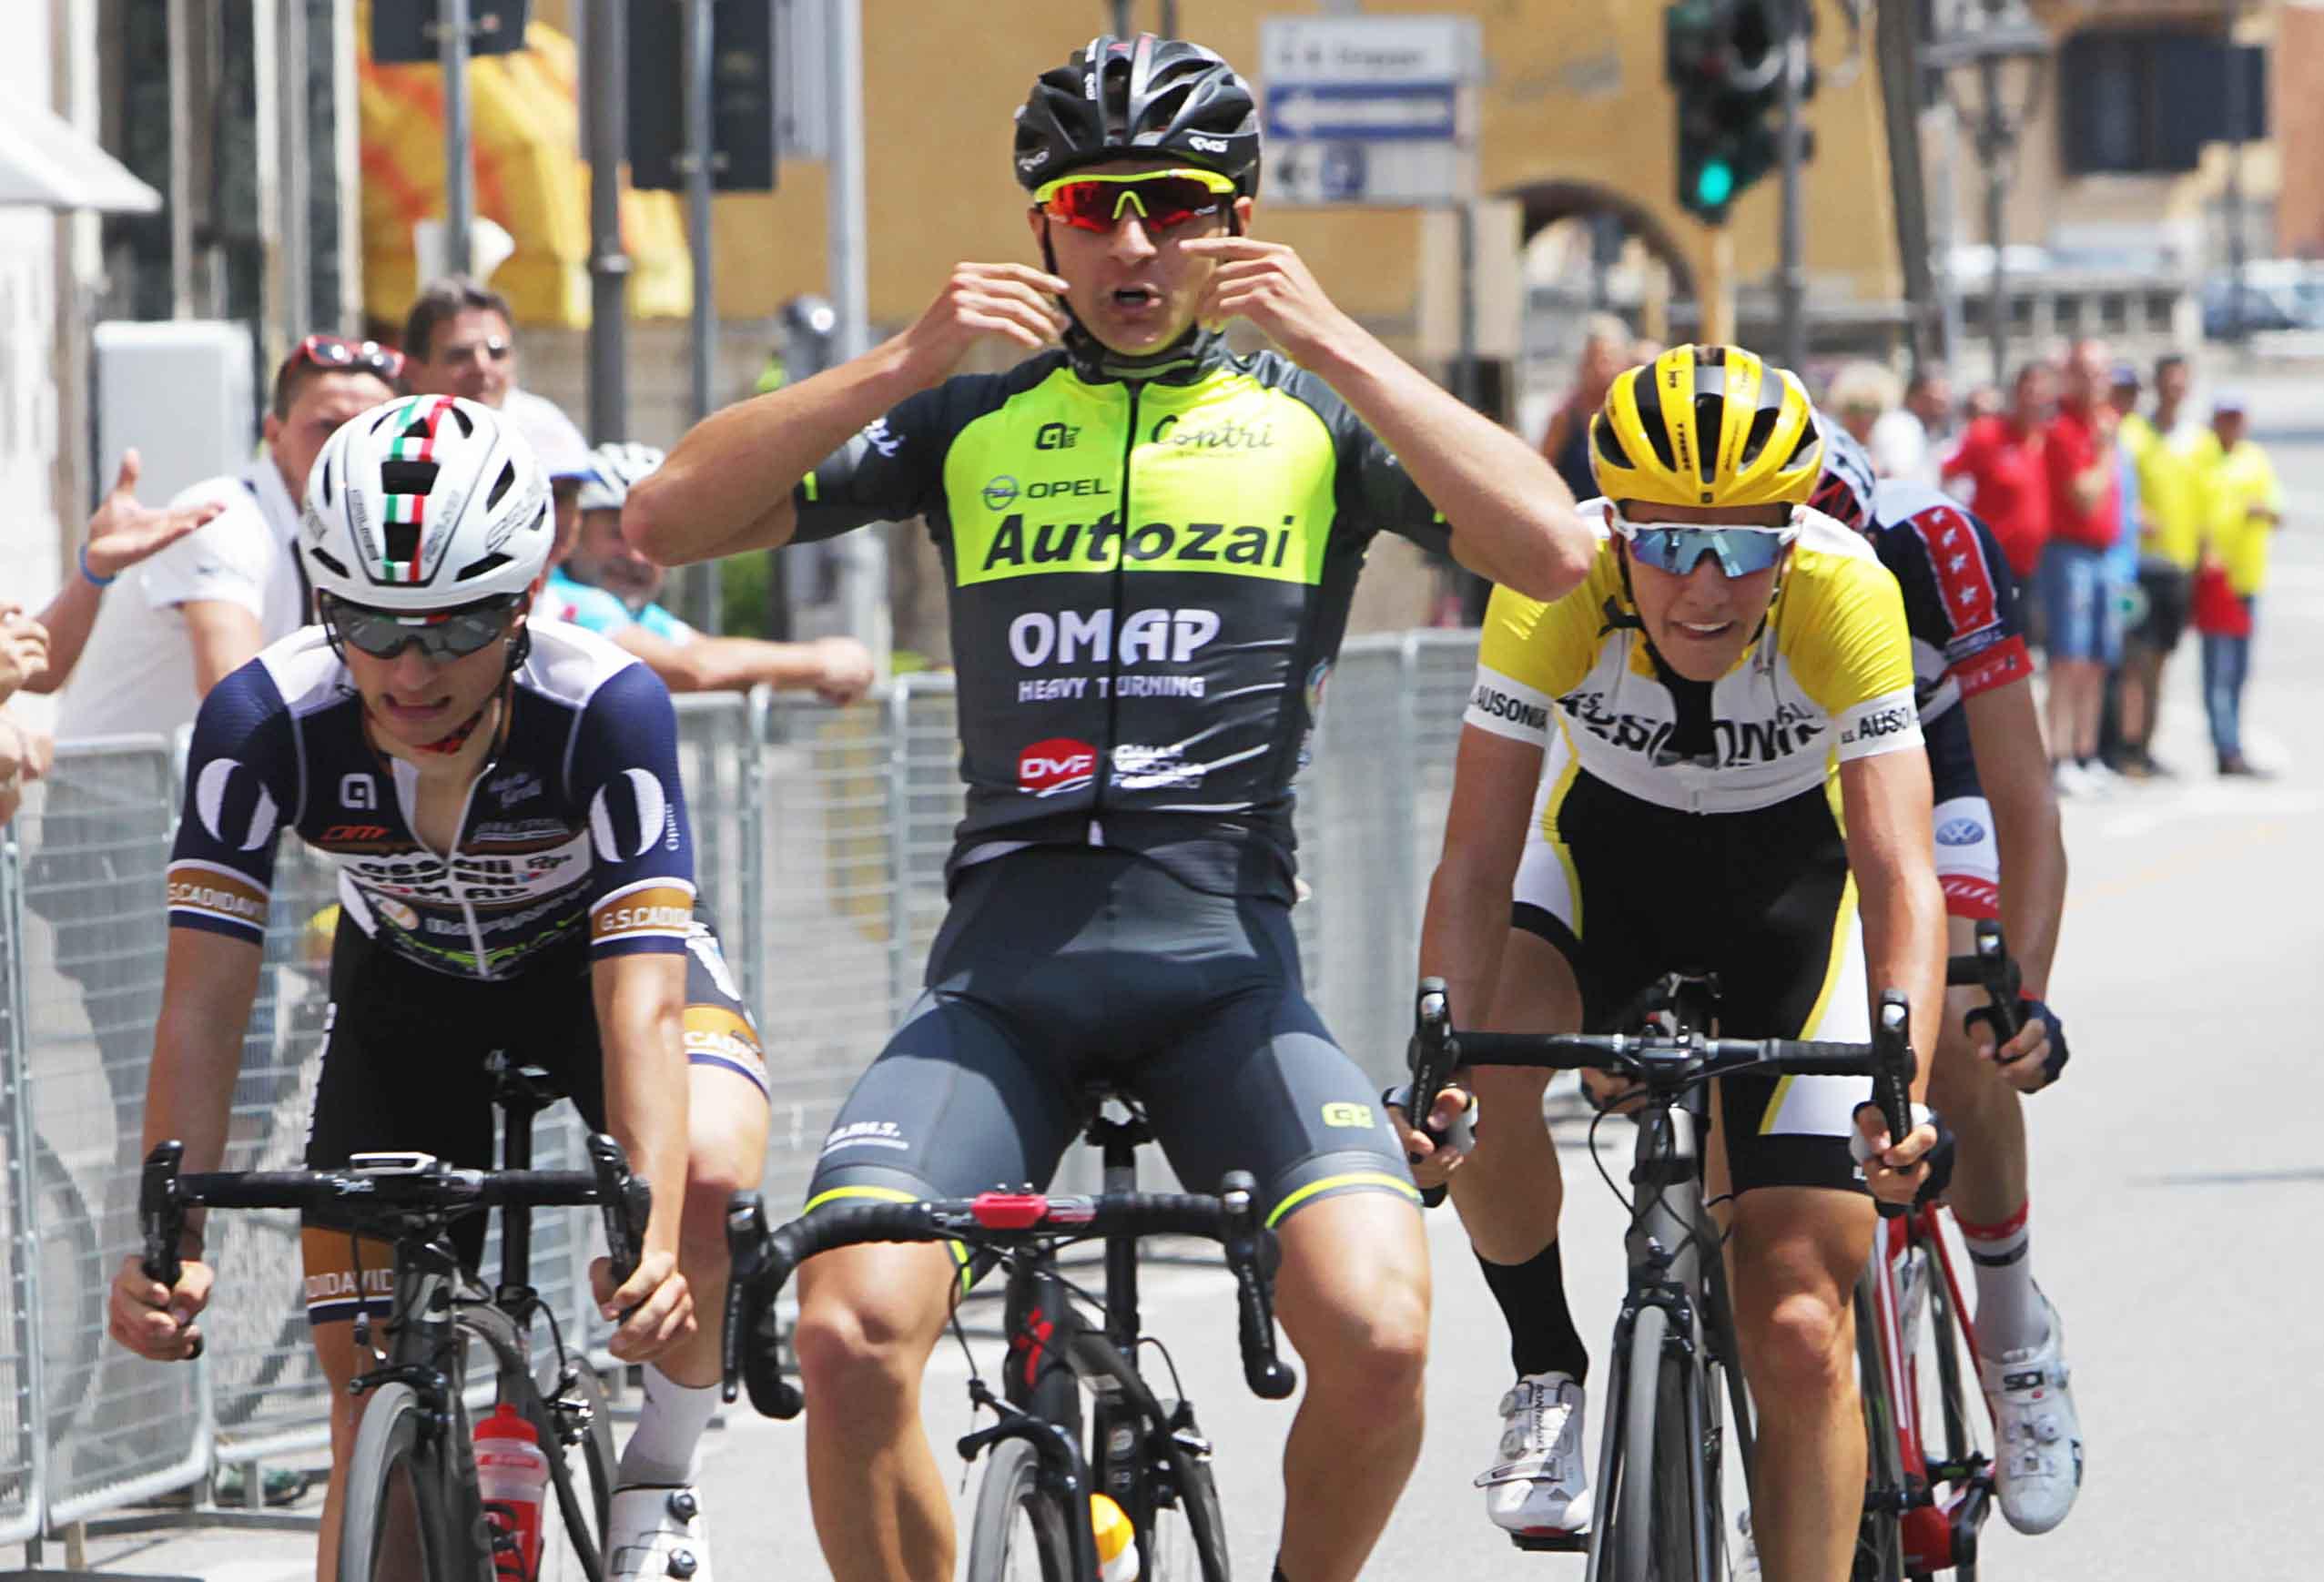 La vittoria di Mattia Petrucci a San Martino Buon Albergo